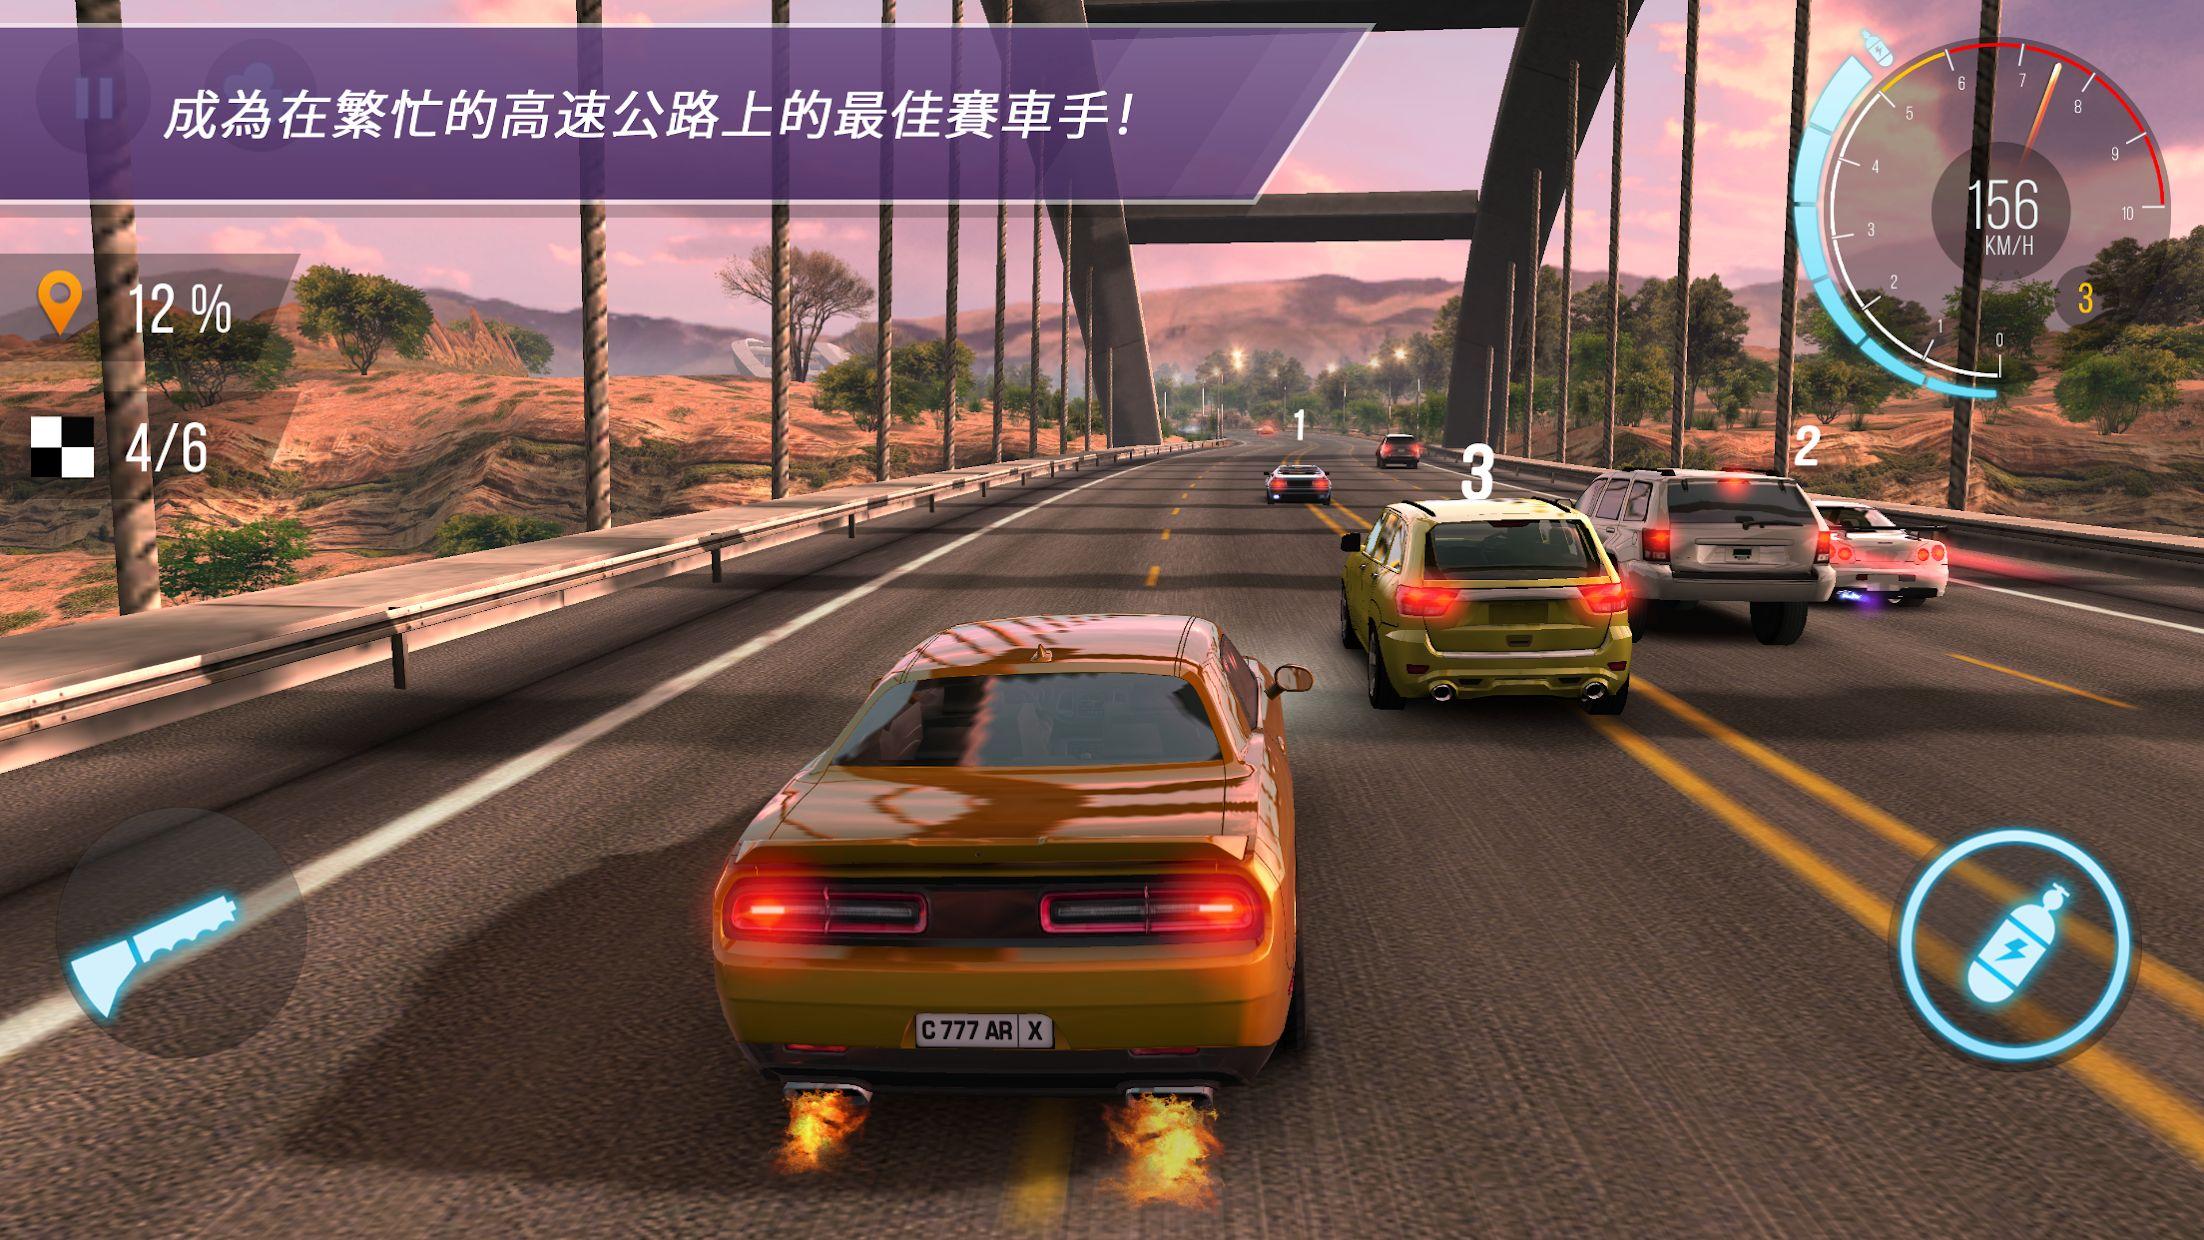 CarX 公路赛车 游戏截图3